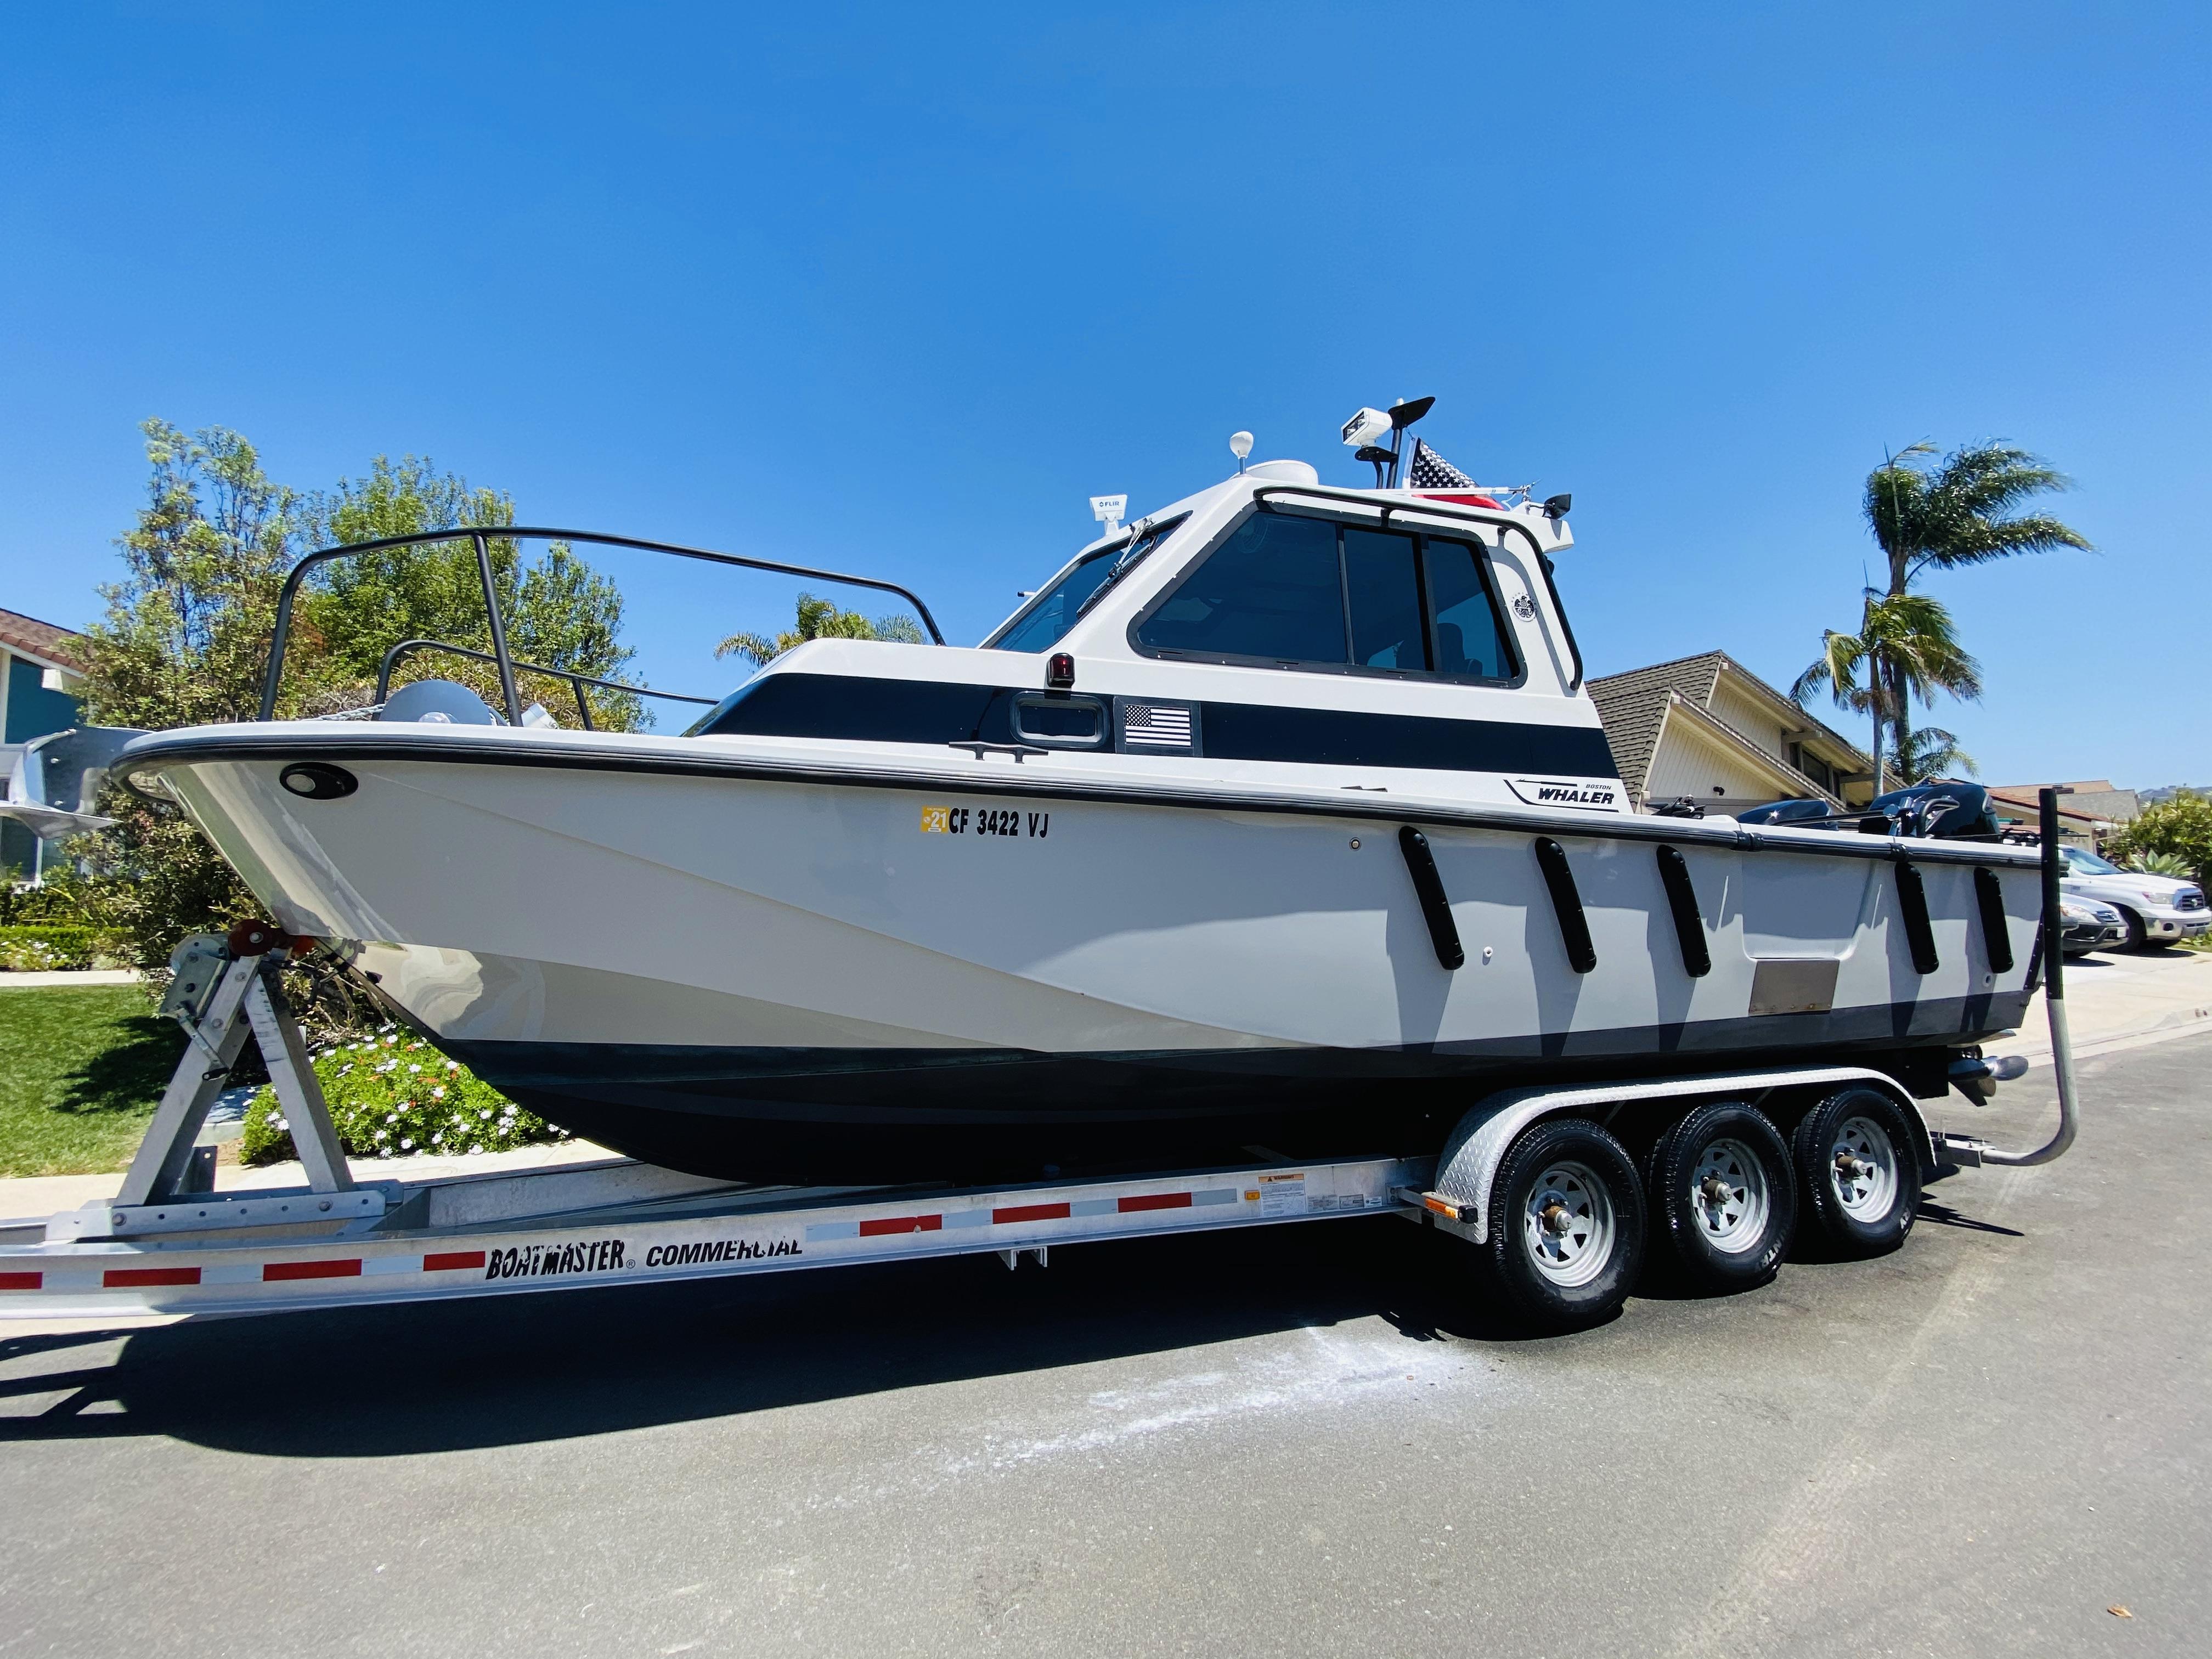 For Sale - 2009 27 ft Boston Whaler Challenger   Bloodydecks